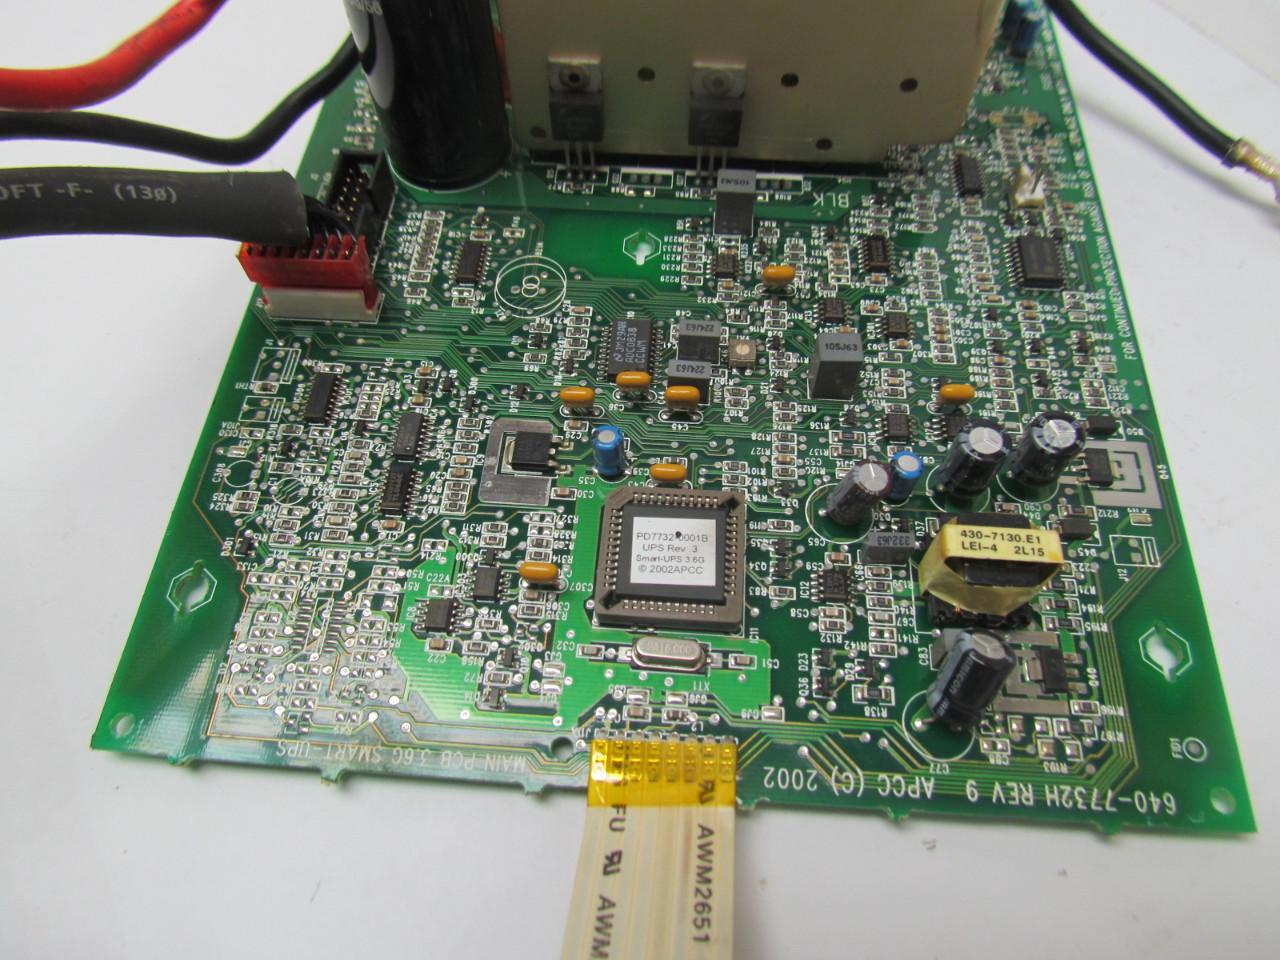 Apc Smart Ups 1500 Circuit Board Diagram Circuit And Jzgreentowncom